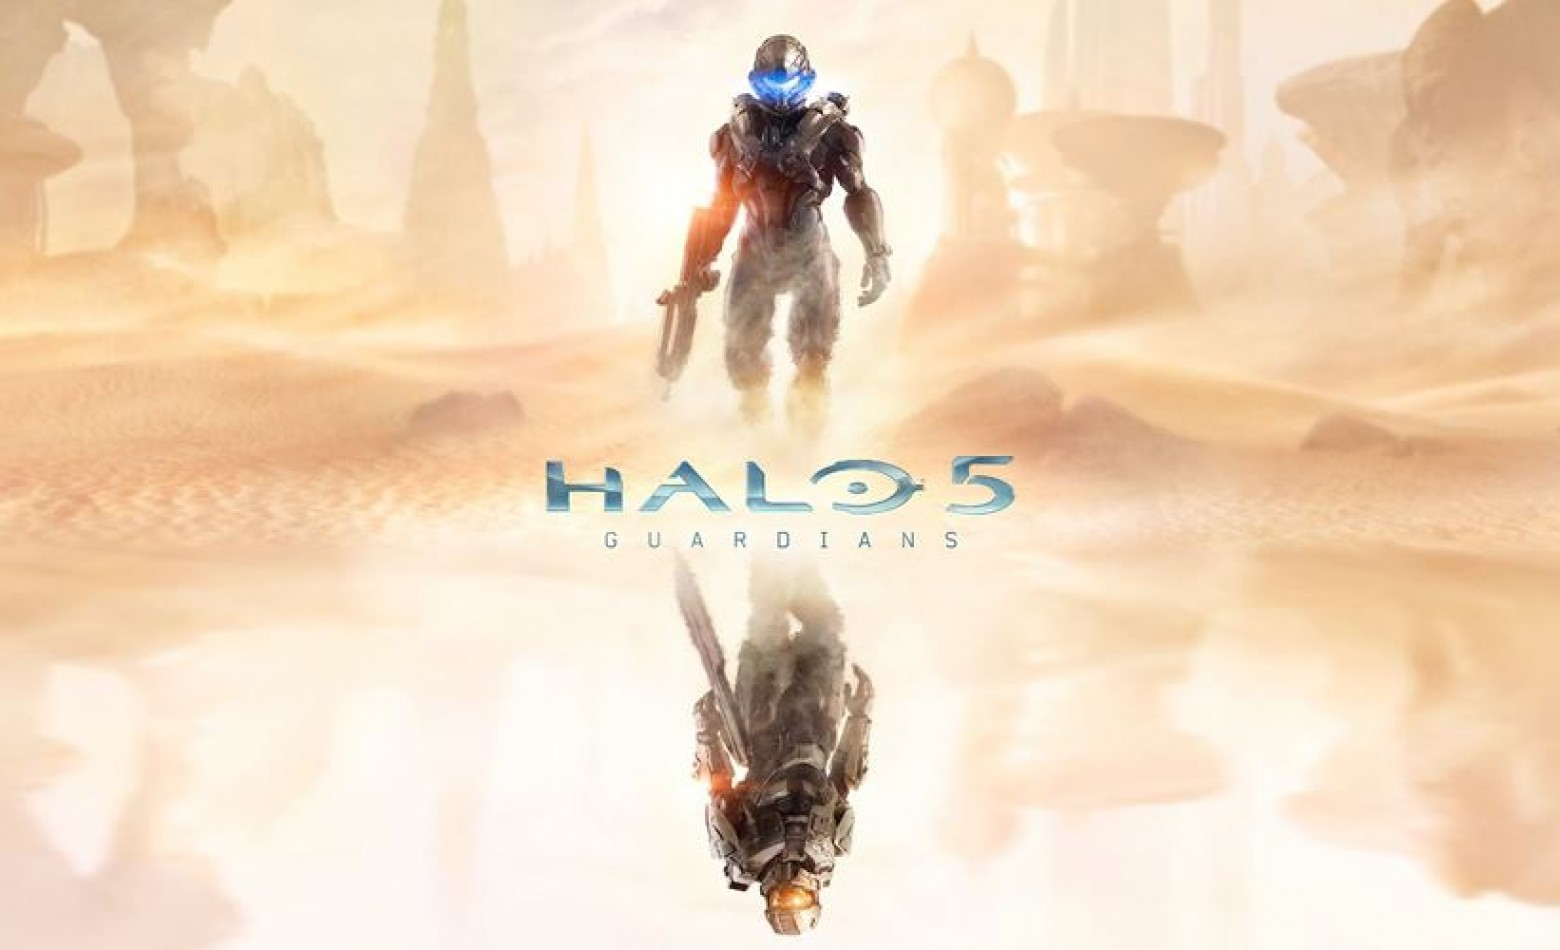 Halo 5: Guardians será lançado em 2015